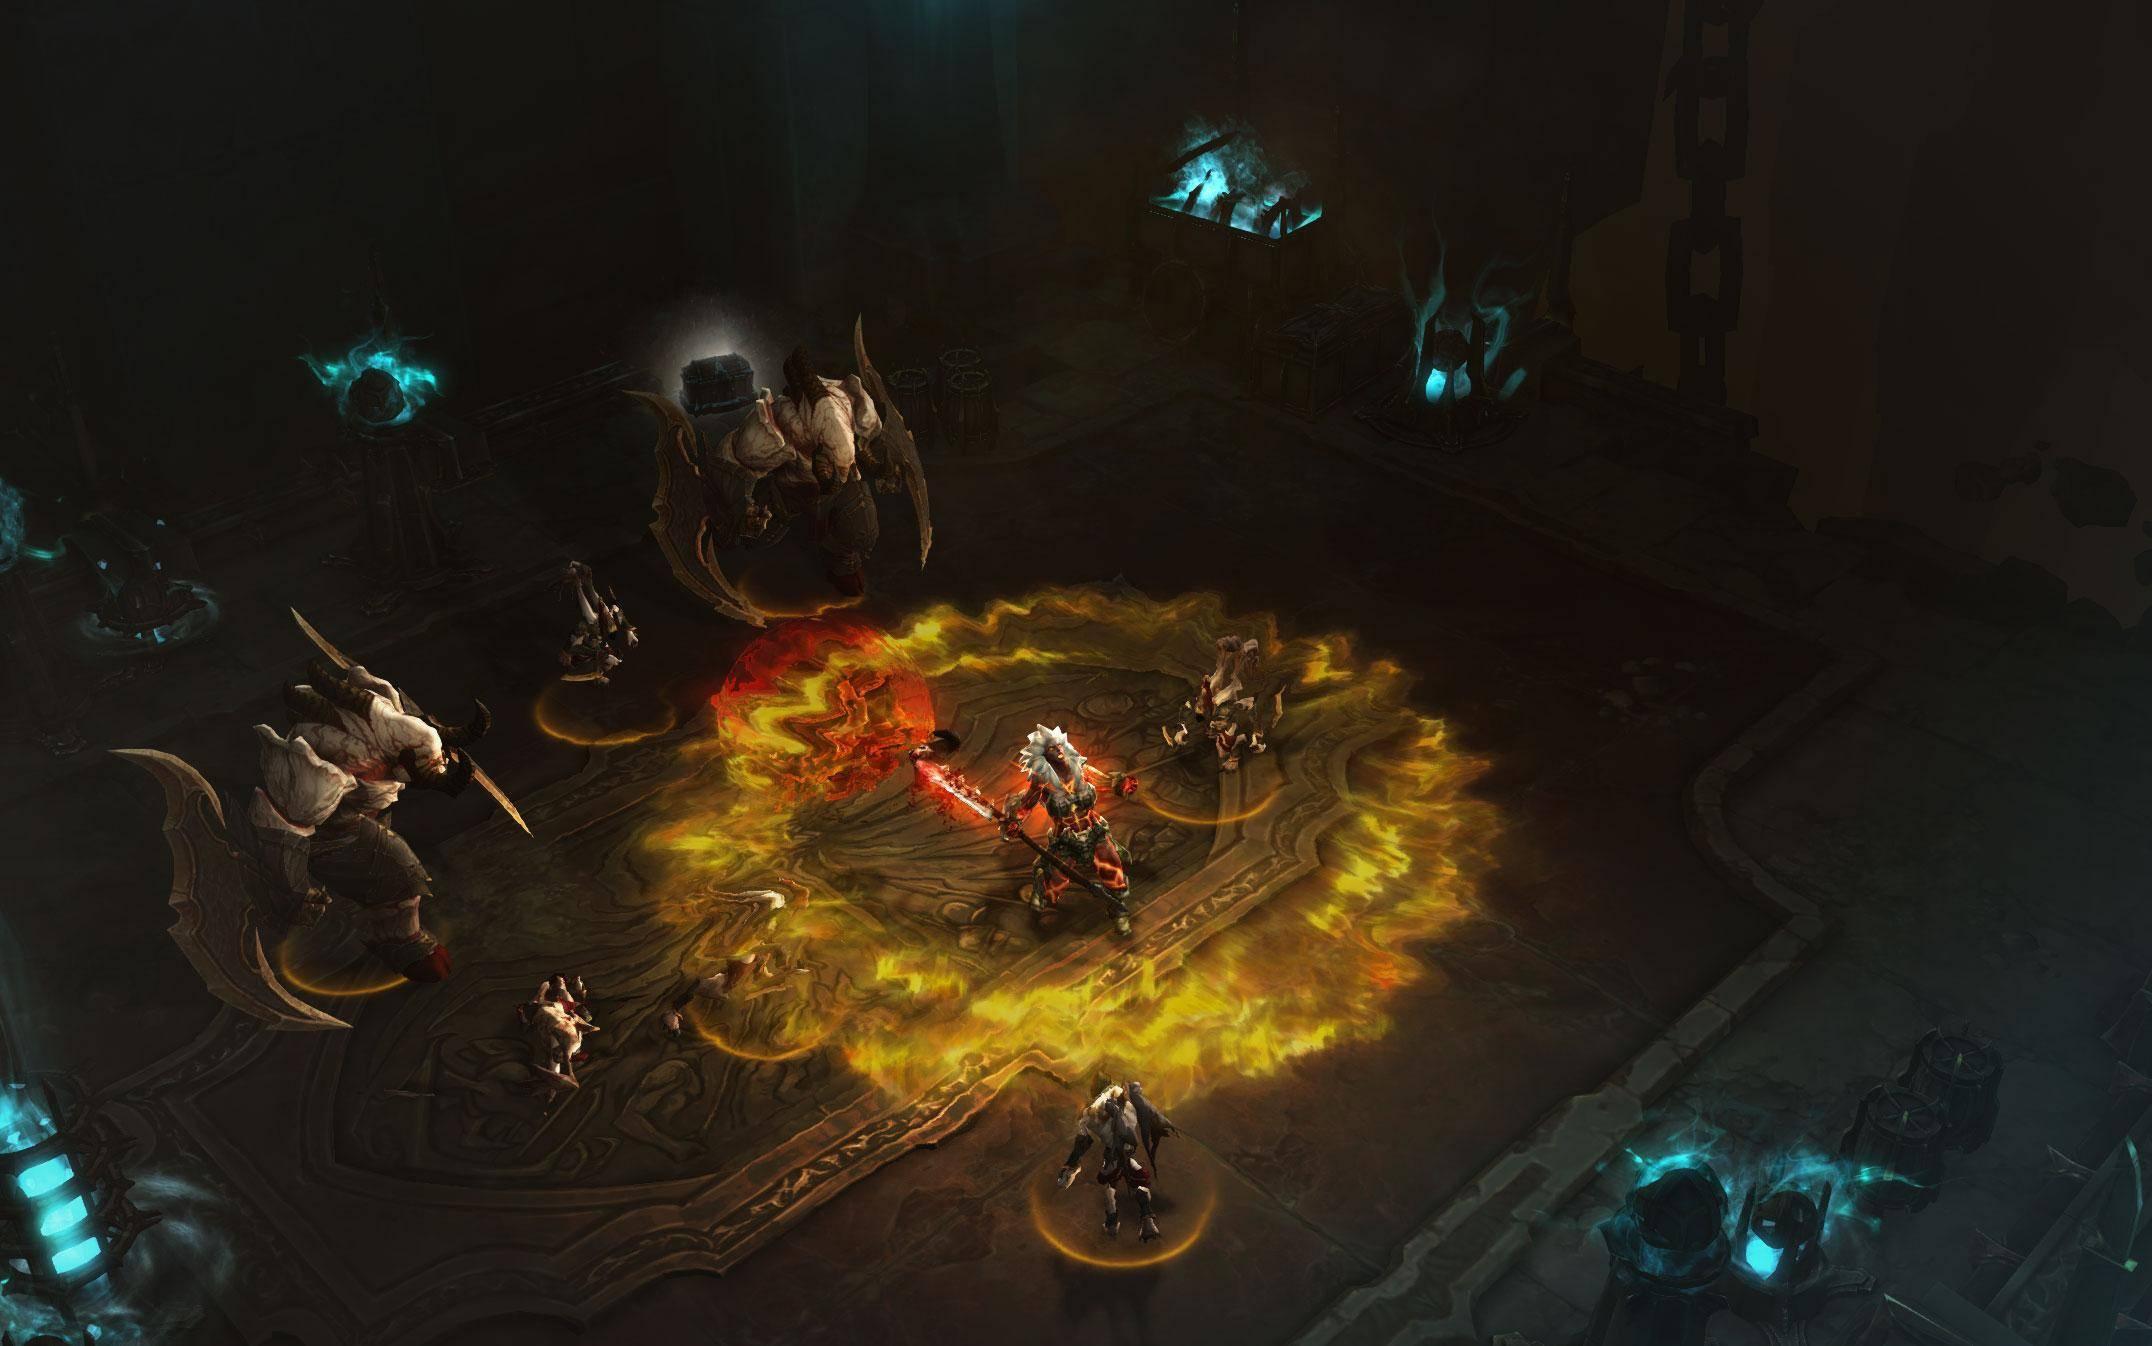 按份销售的《暗黑 3 》和订阅模式的《魔兽世界》不一样,即便活跃玩家不高,仍然是买出一份赚一份的钱